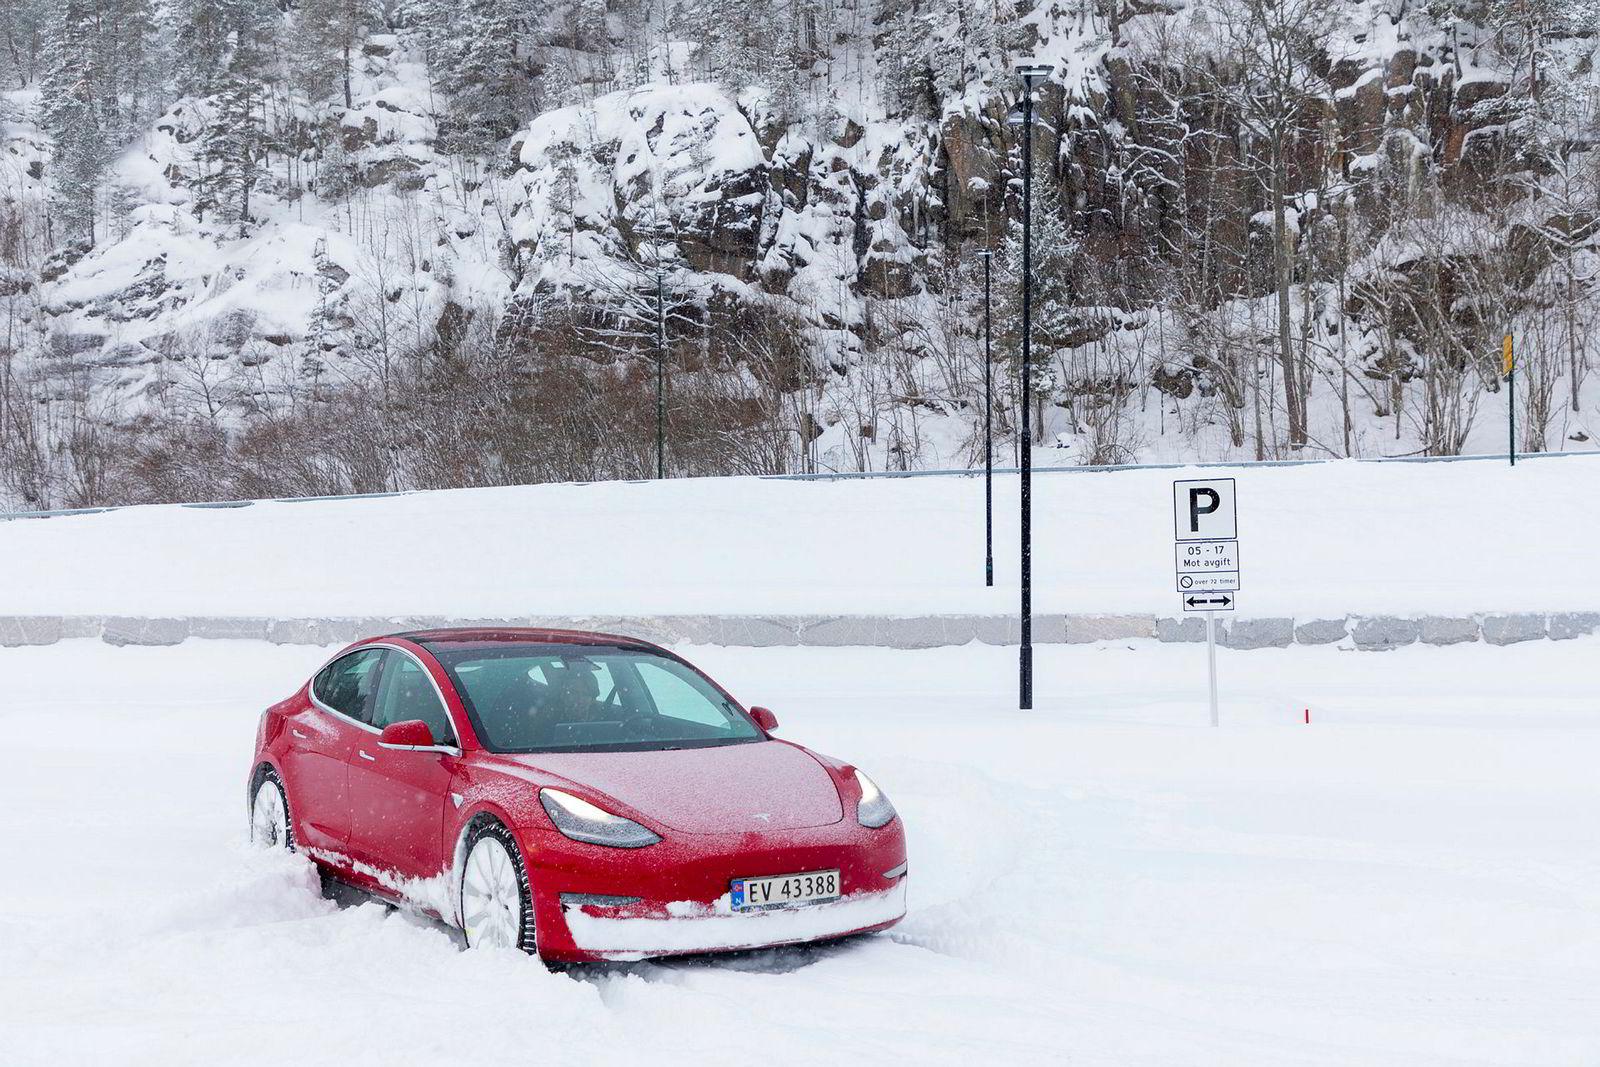 Tesla Model 3 takler norske snøfall overraskende godt. Performancemodellen er ganske lav, men tar seg frem selv der brøytebilen ikke har vært.